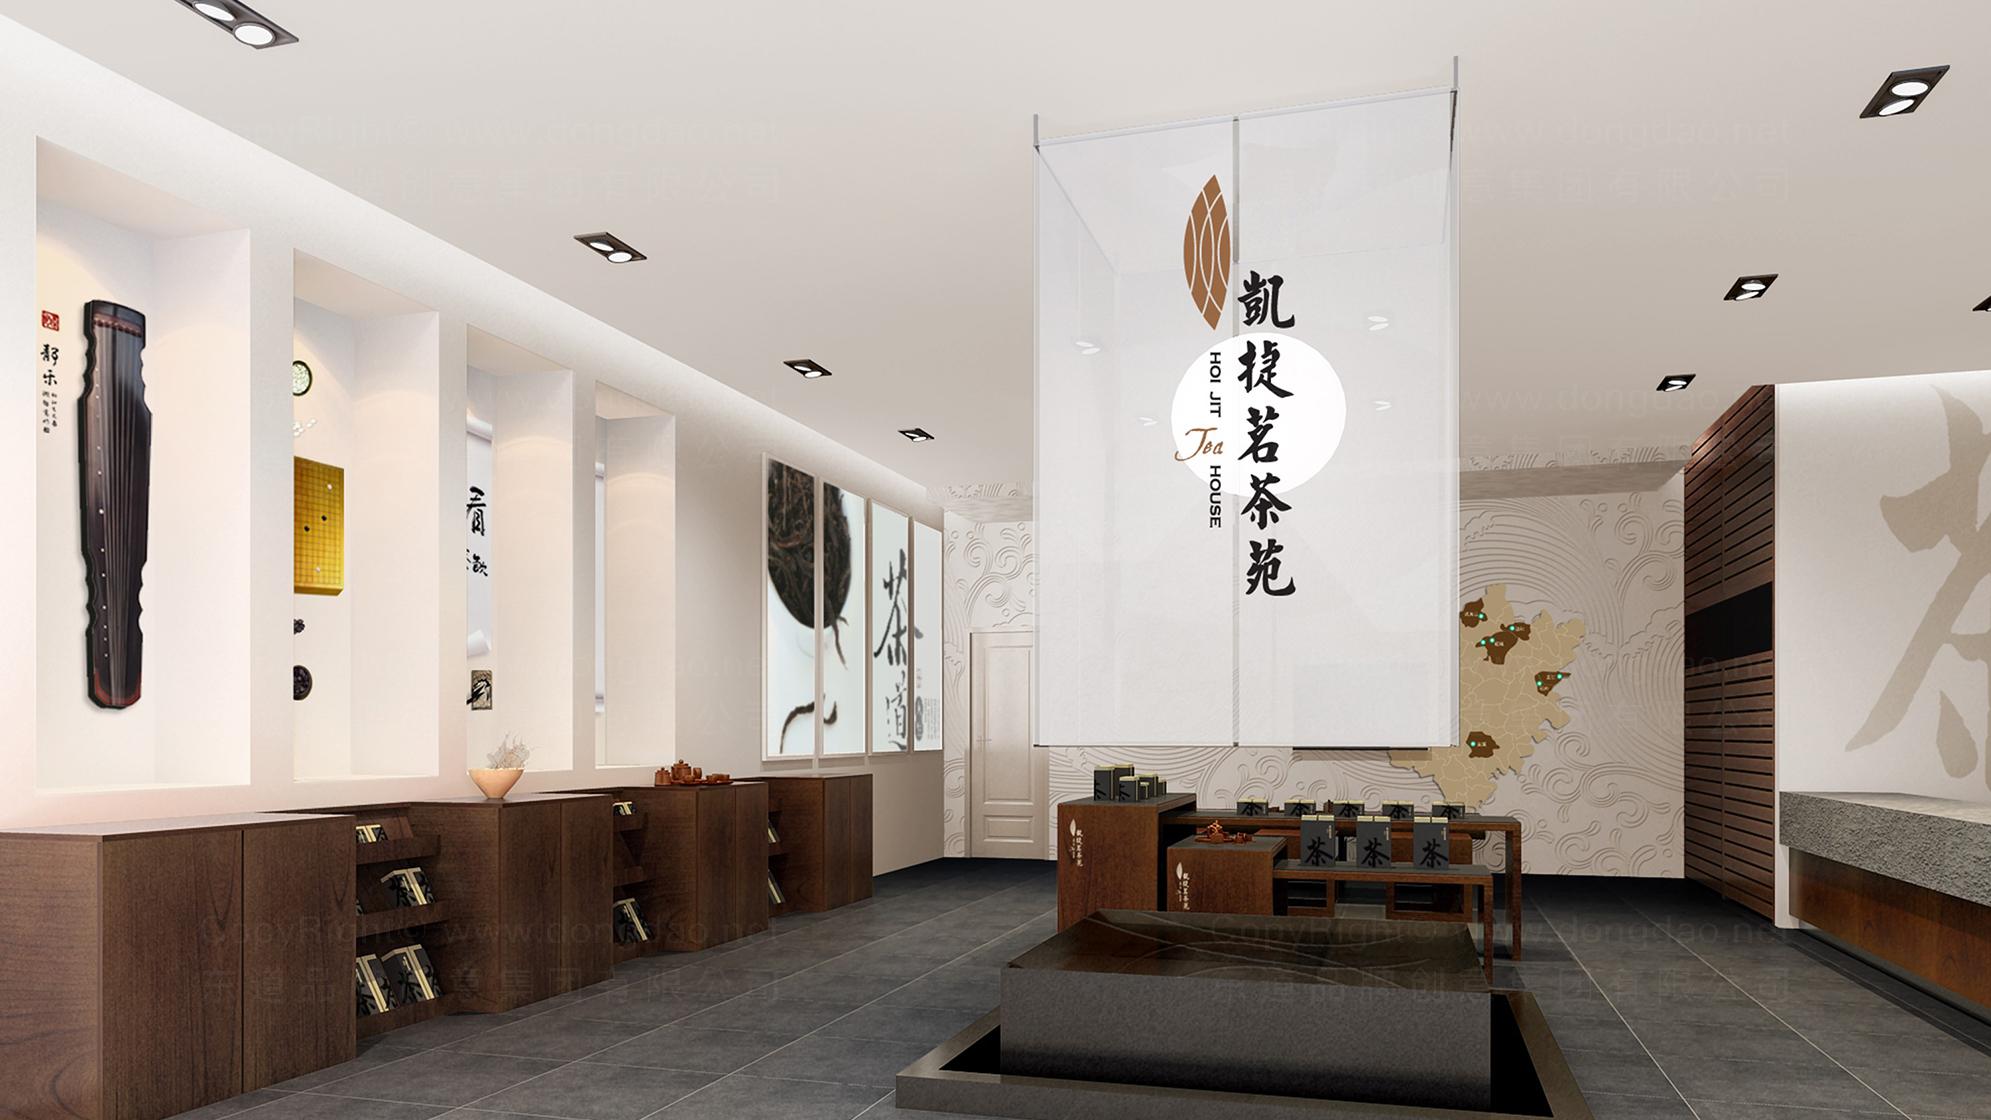 品牌设计凯捷茗茶LOGO&VI设计应用场景_7